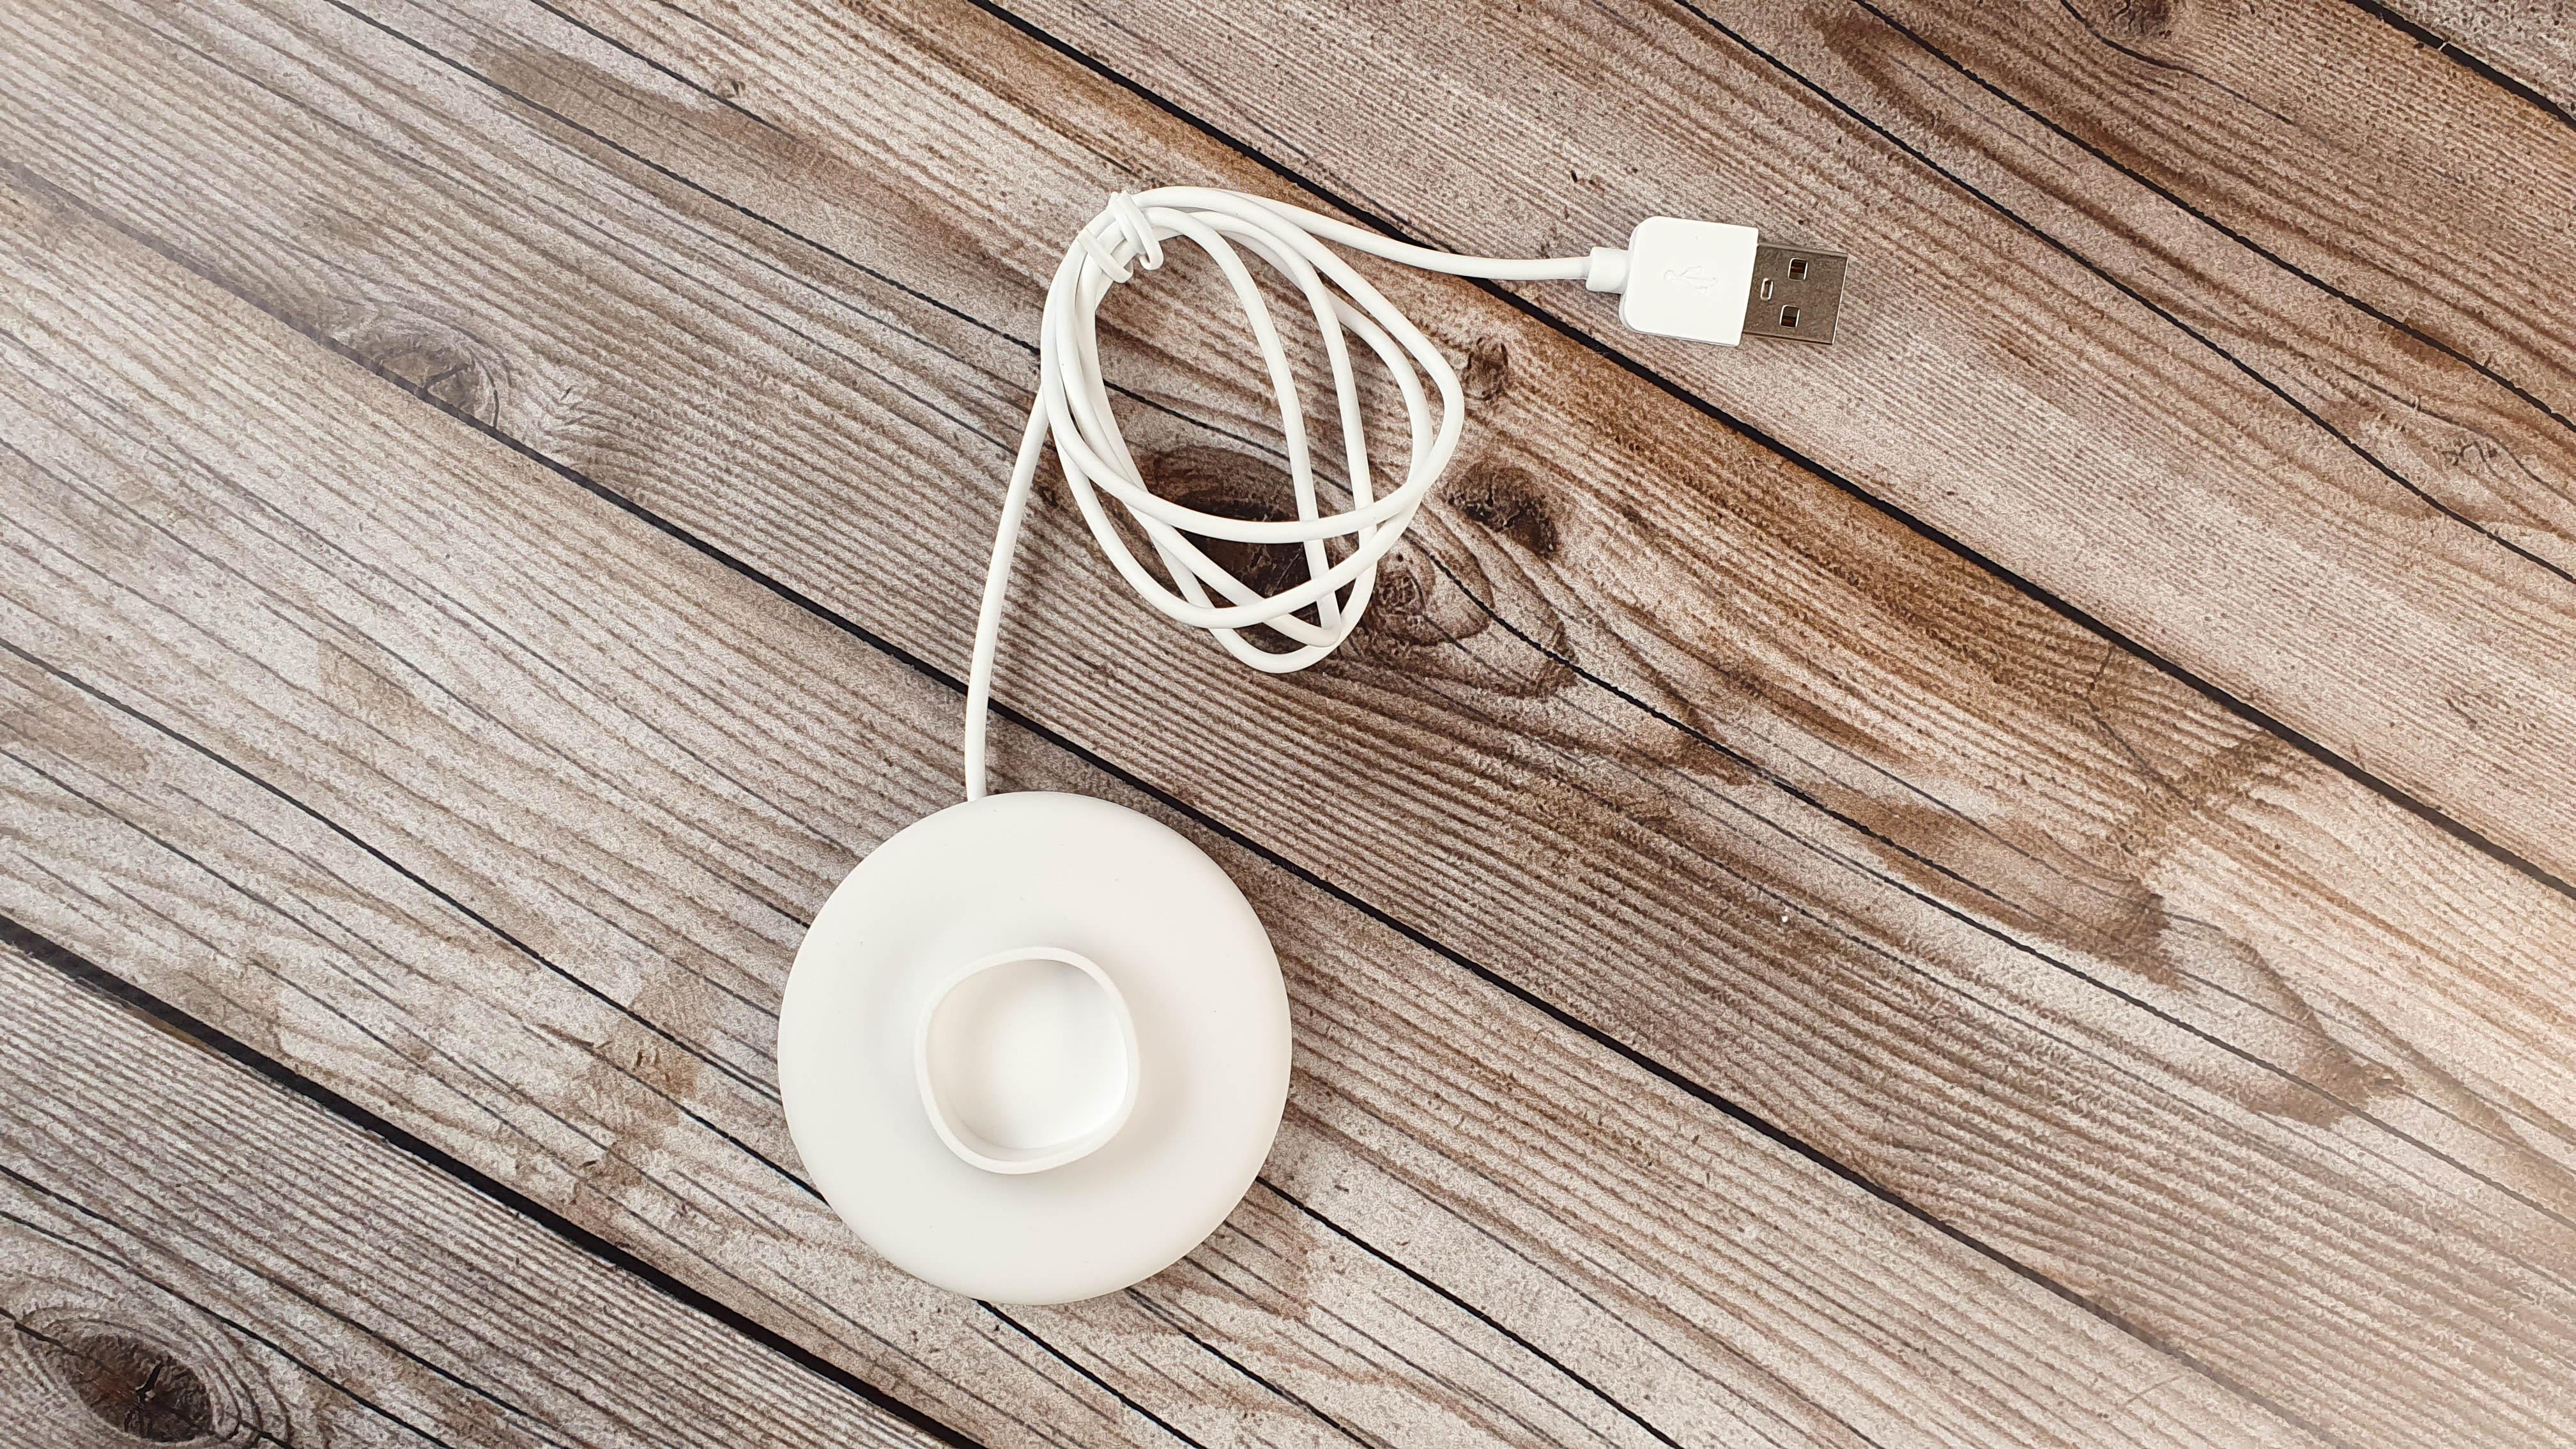 Умная зубная щетка Oclean X Pro Elite: сенсорный экран, беспроводная зарядка, приложение для смартфона и 4 режима работы. Обзор на InSKU.com